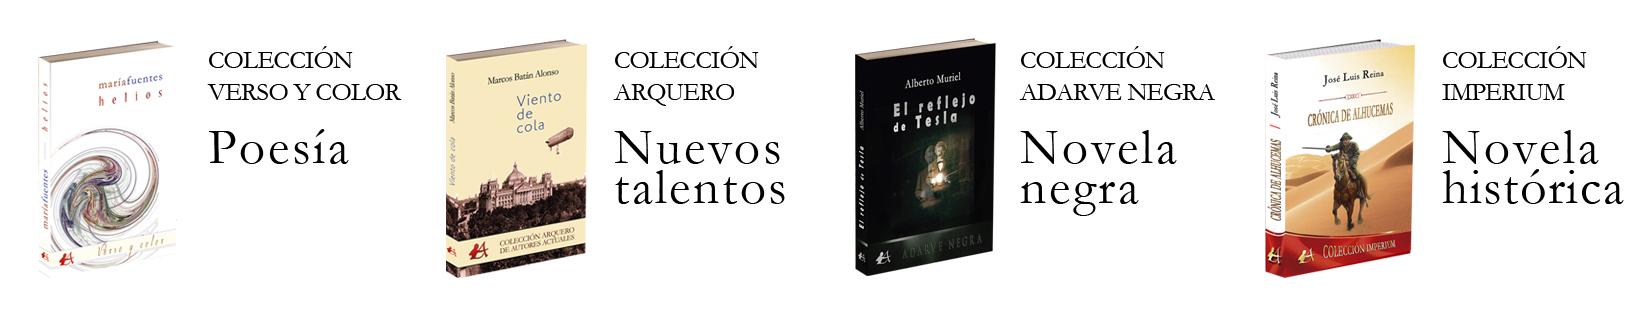 Colecciones editoriales de Editorial Adarve